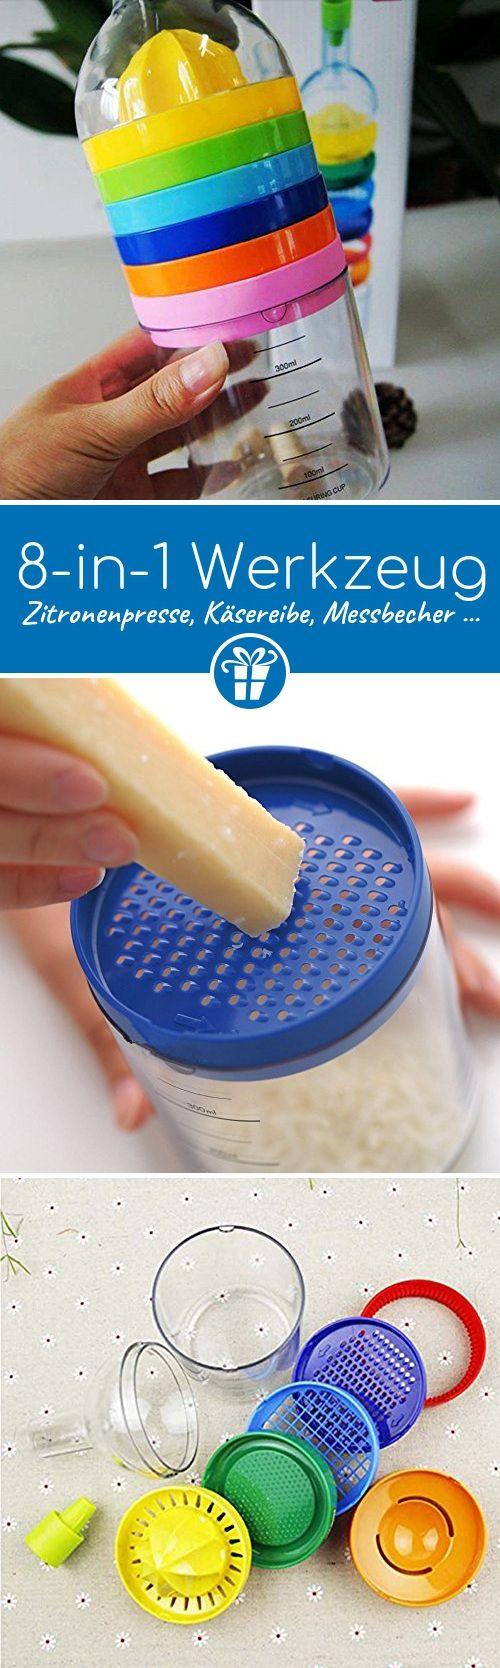 8in 1Creative Küche Werkzeug Mehrzweck-Funktion für Kochen-Zitronenpresse, Käsereibe, Messbecher etc.. - Küchenhelfer   Küchenzubehör   Küchenaccessoires   Küchen Gadgets   Kitchen Gadgets (*Partner-Link)